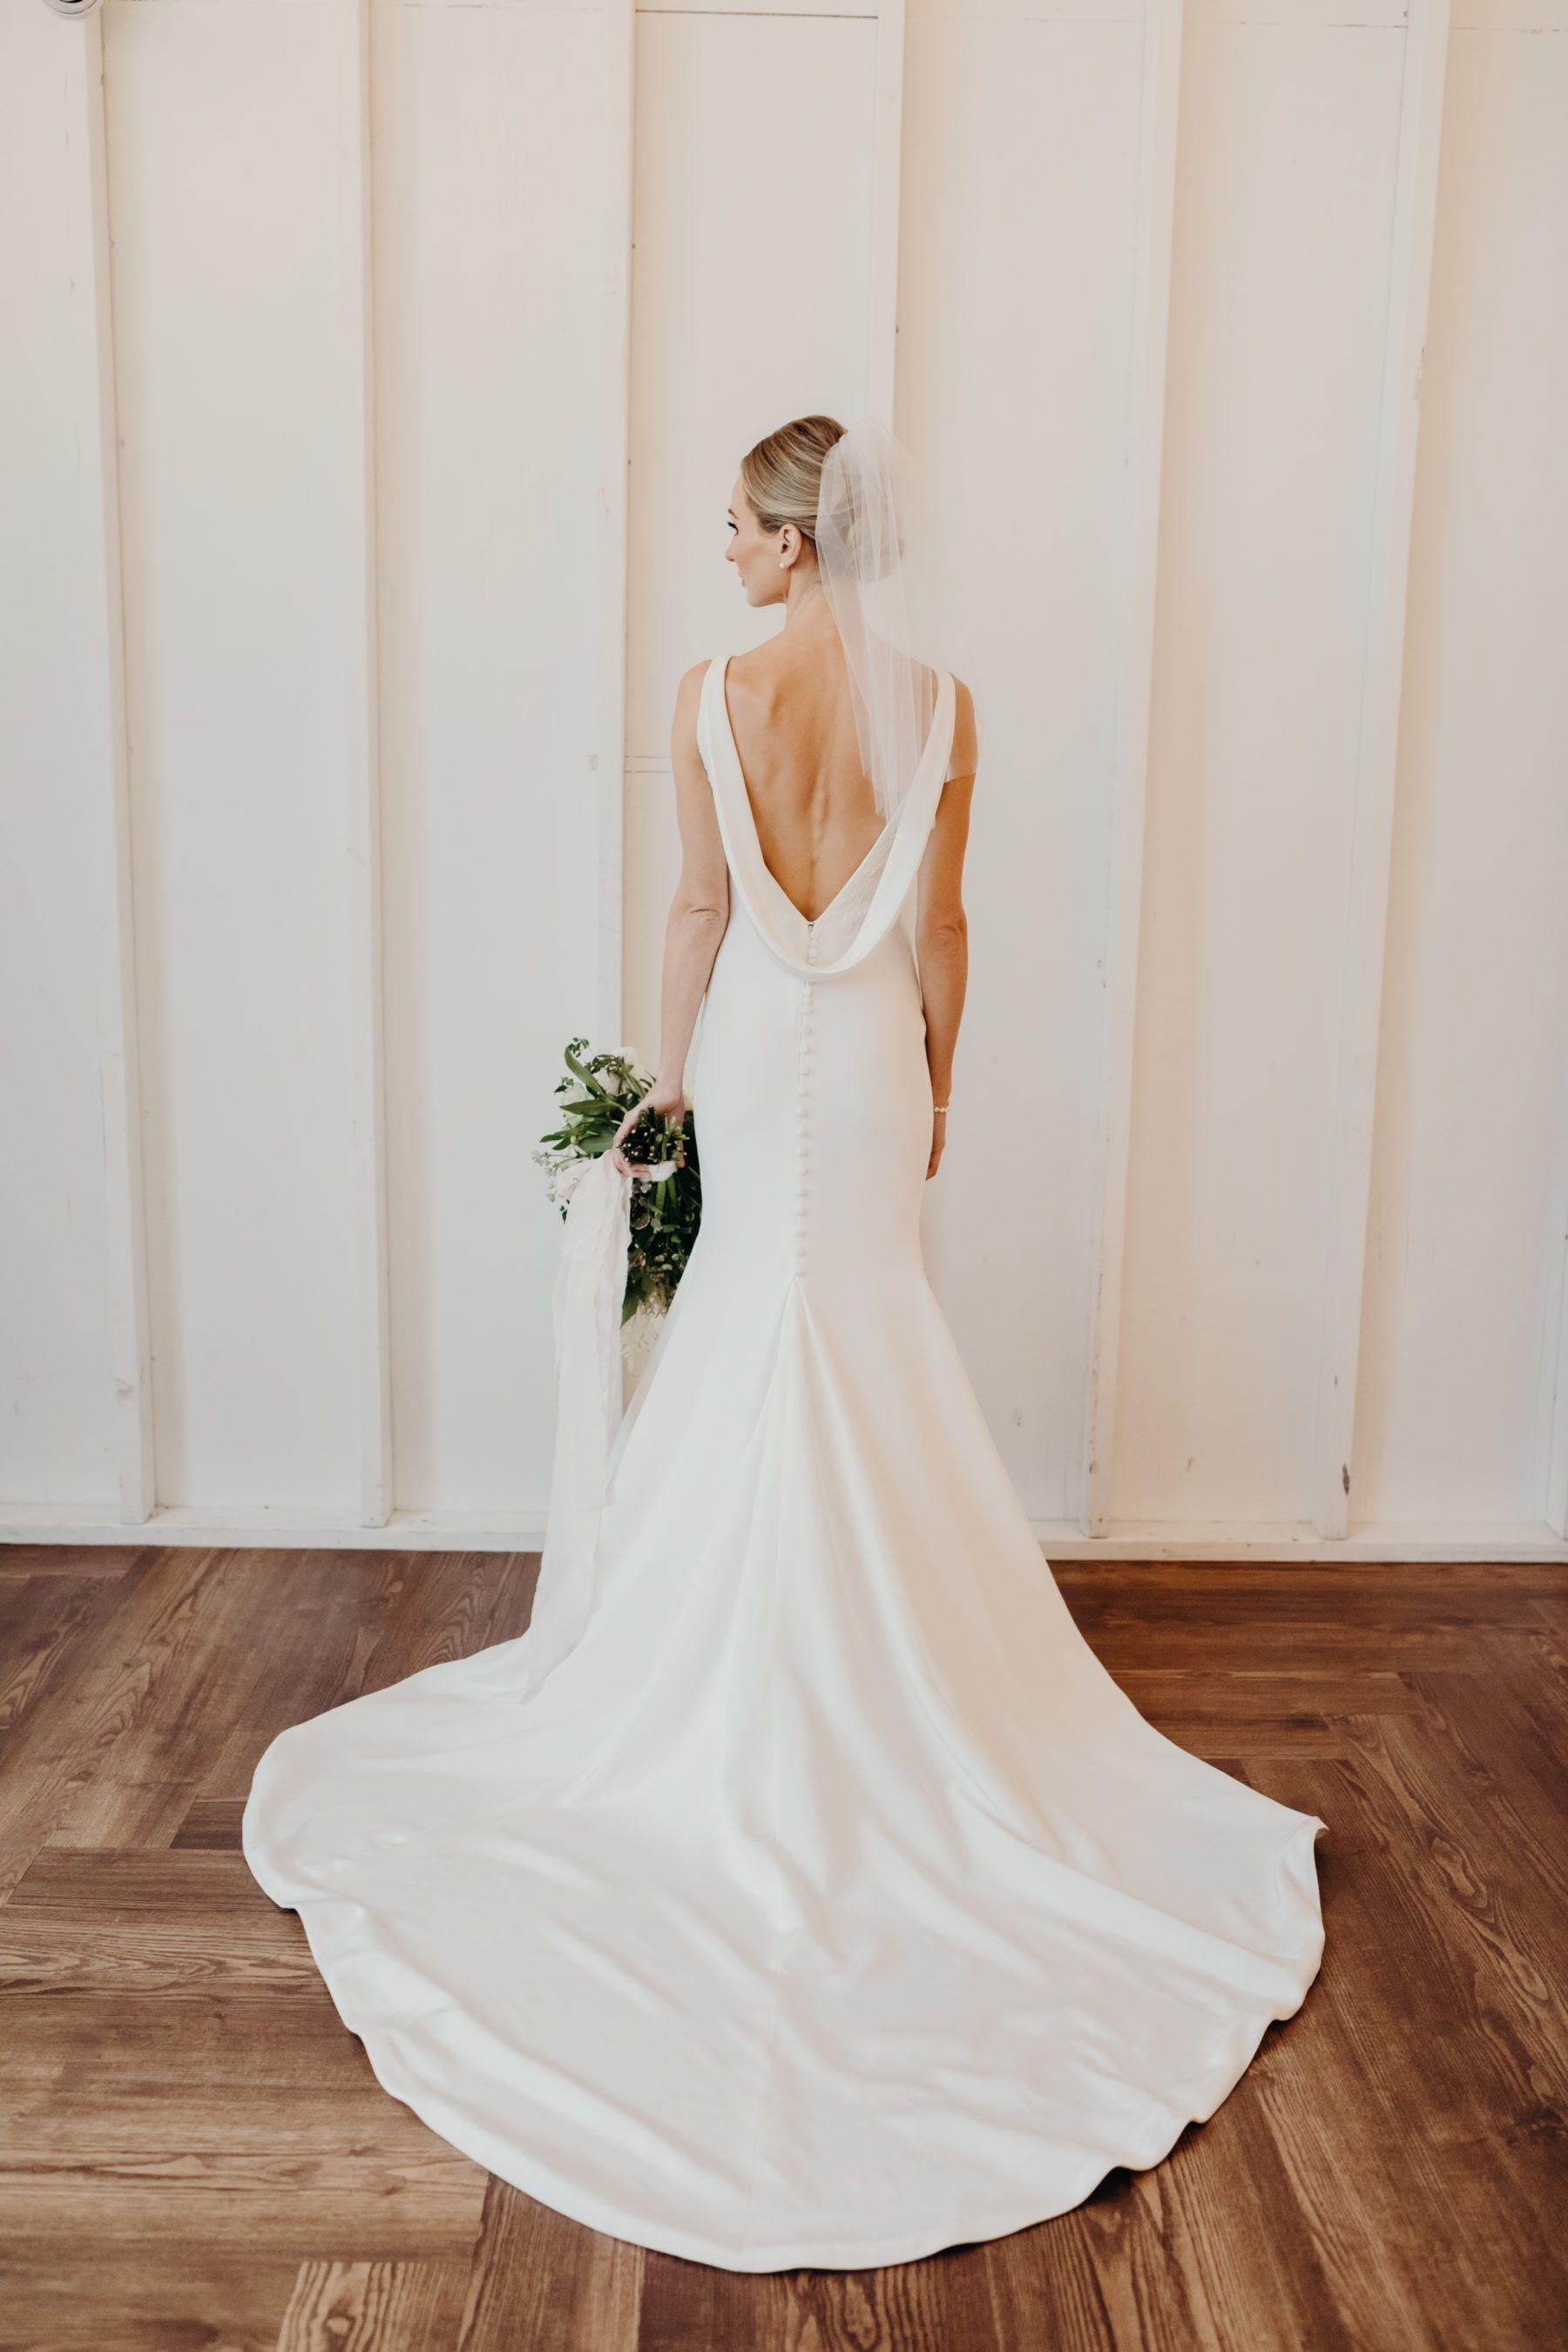 Lauren Bushnell S Draped Back Wedding Gown Wedding Dress Guide Wedding Dress Inspiration Modern Wedding Dress [ 2700 x 1800 Pixel ]